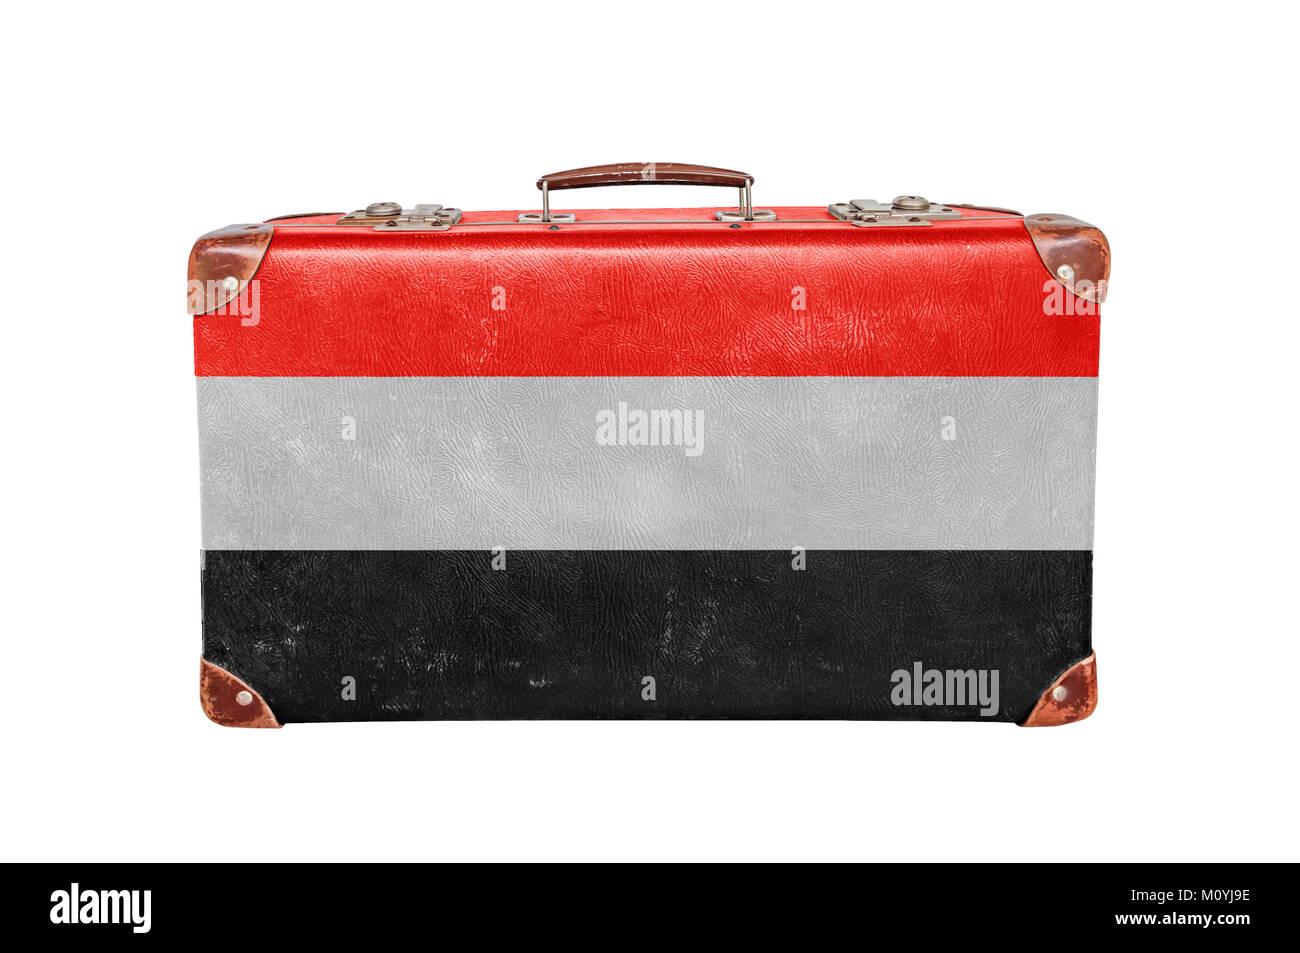 Vintage suitcase with Yemen flag - Stock Image